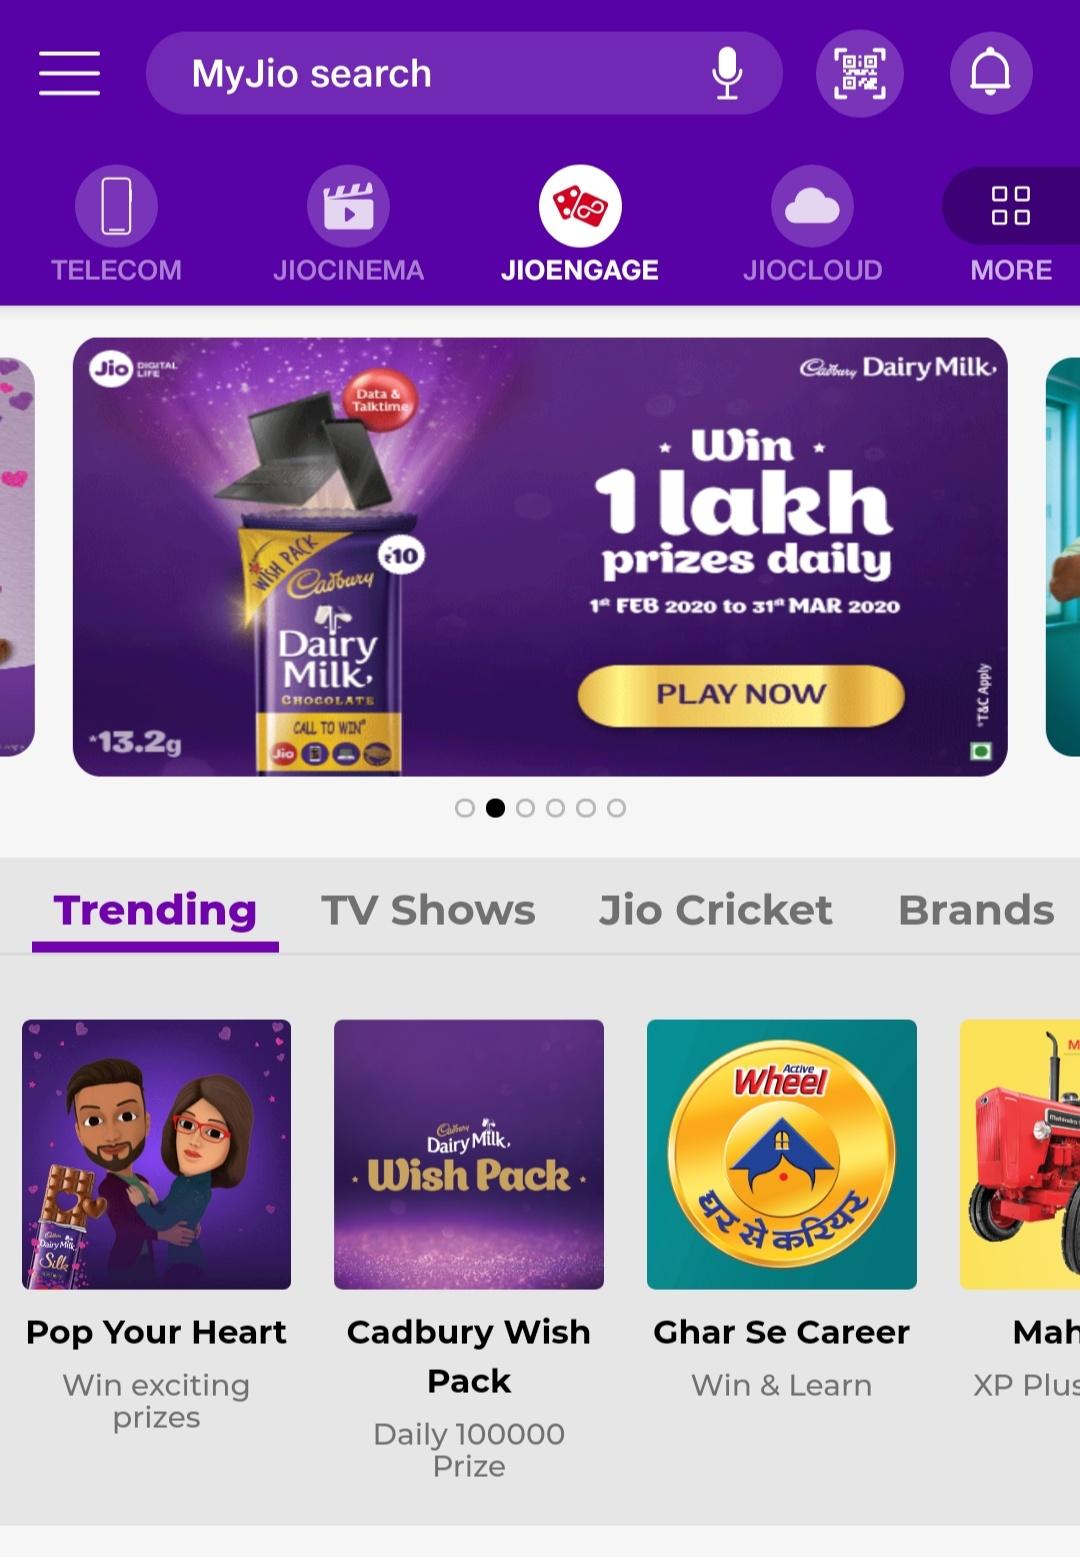 Jio-Cadbury-wishpack-banner